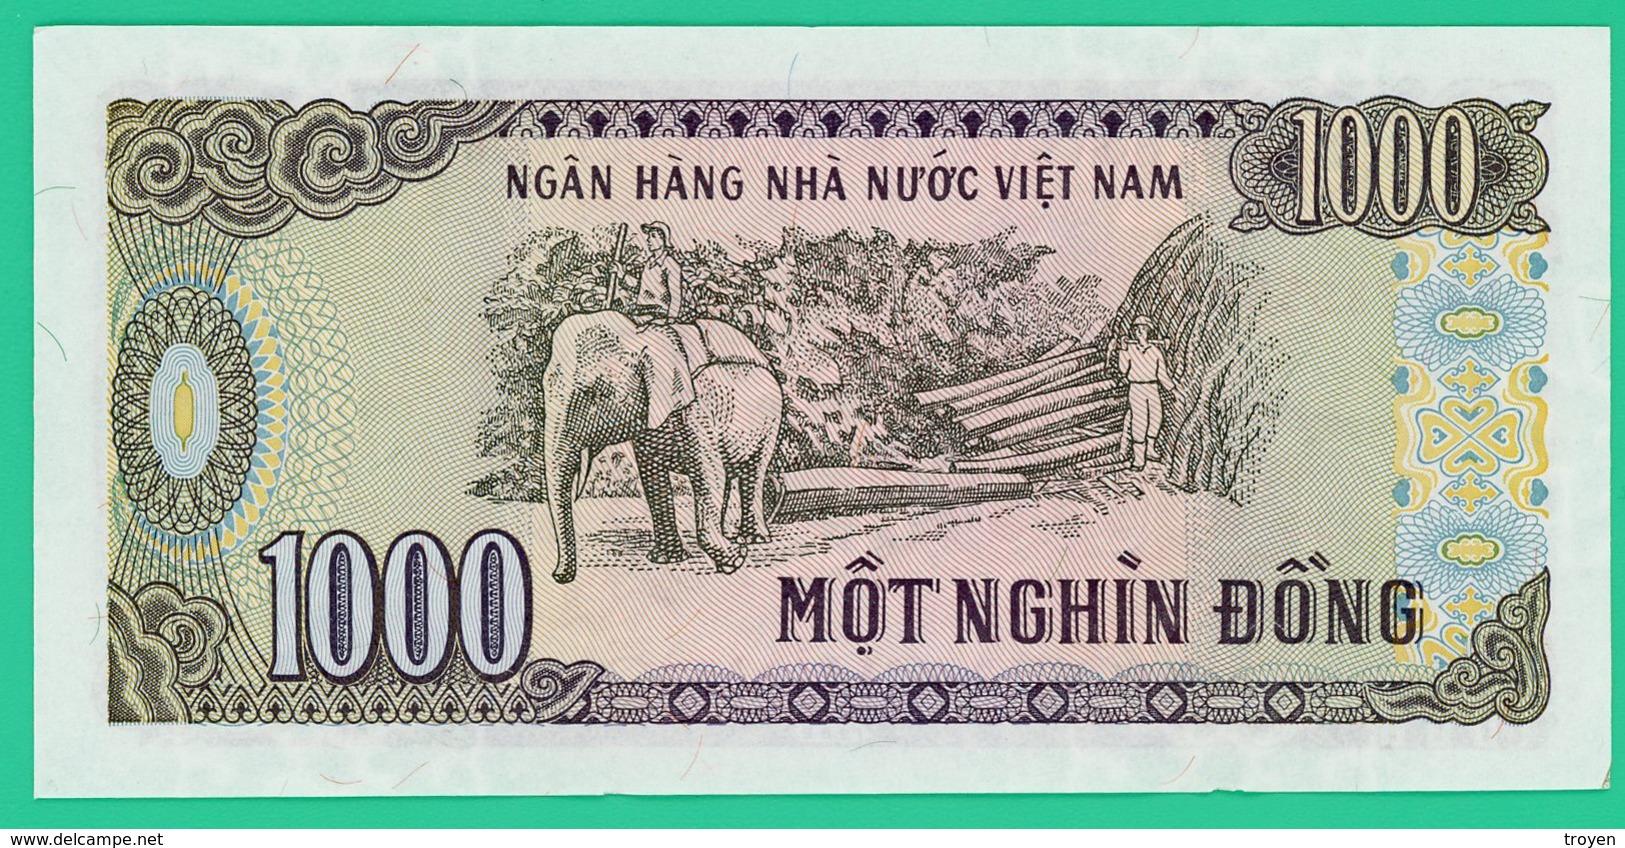 1000 Dong  - Viet Nam - 1988 - DA 7895501 -  Neuf - - Vietnam